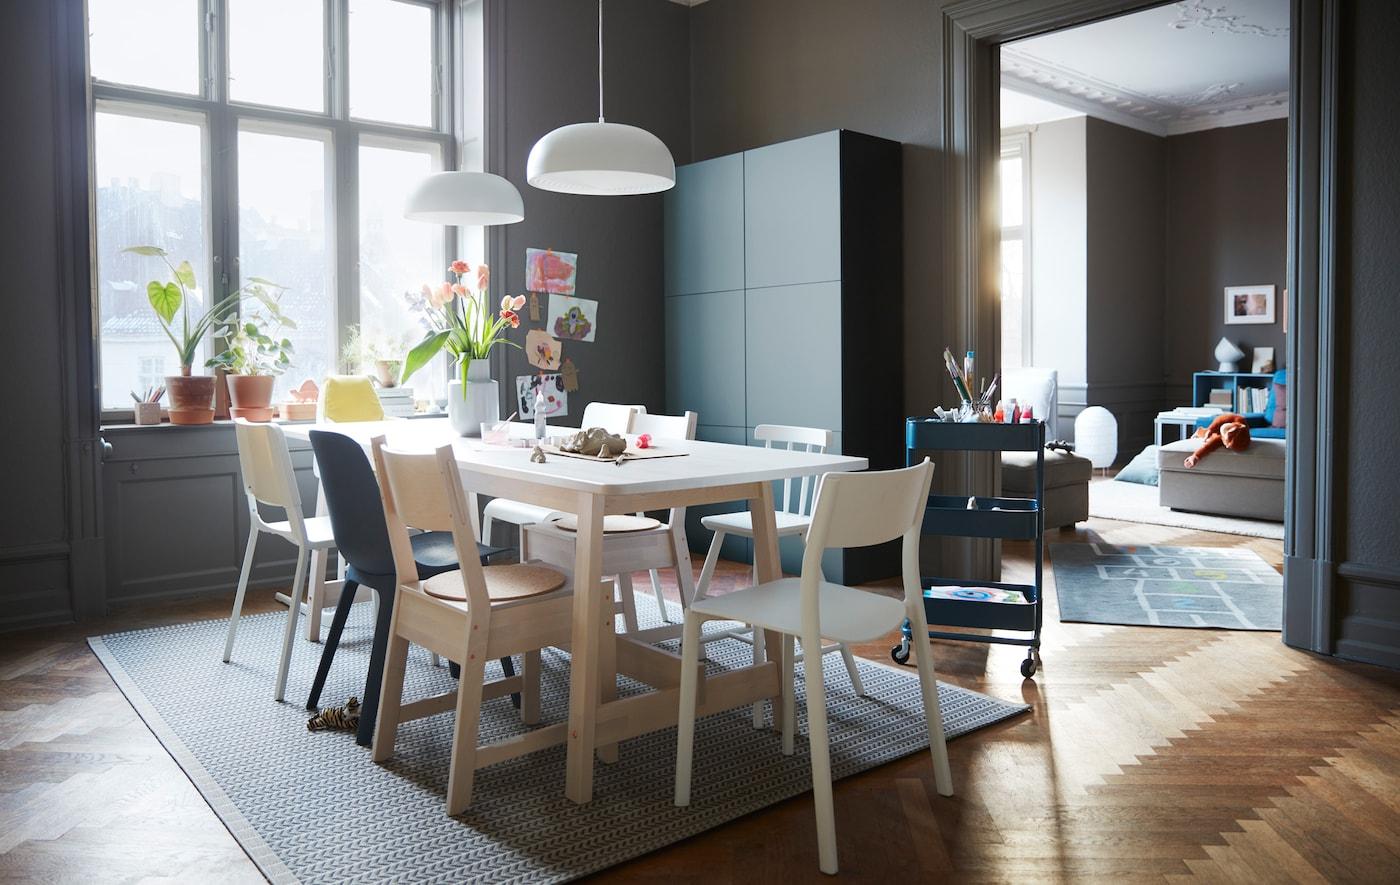 BESTÅ grau/türkis Aufbewahrungskombination mit sechs Türen in einem schönen Essbereich